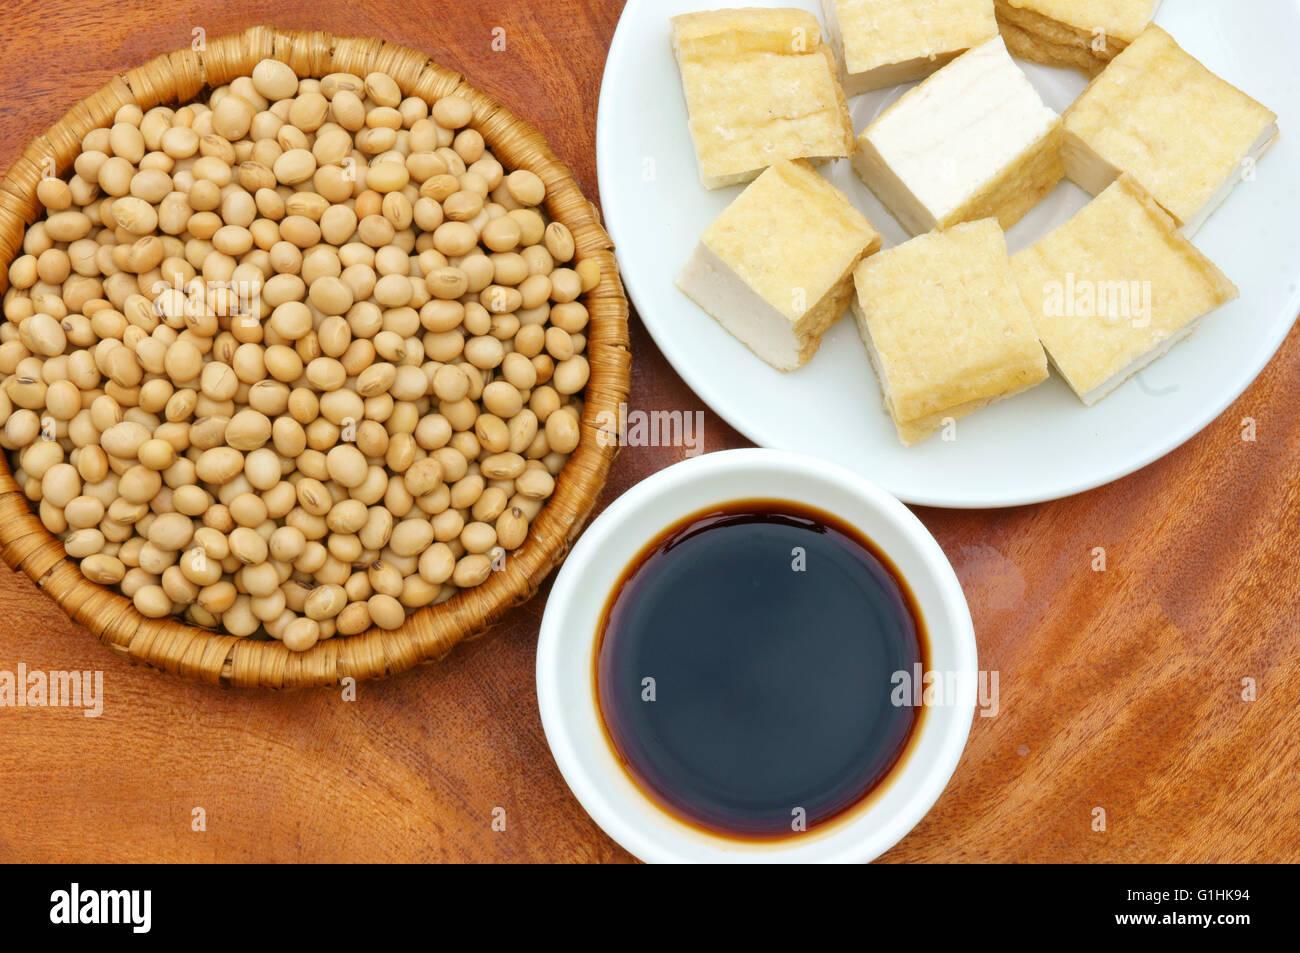 Le soja, riche en protéines, vitamines, acides amin, un orgaric, bon marché, la nutrition produit, processus Photo Stock